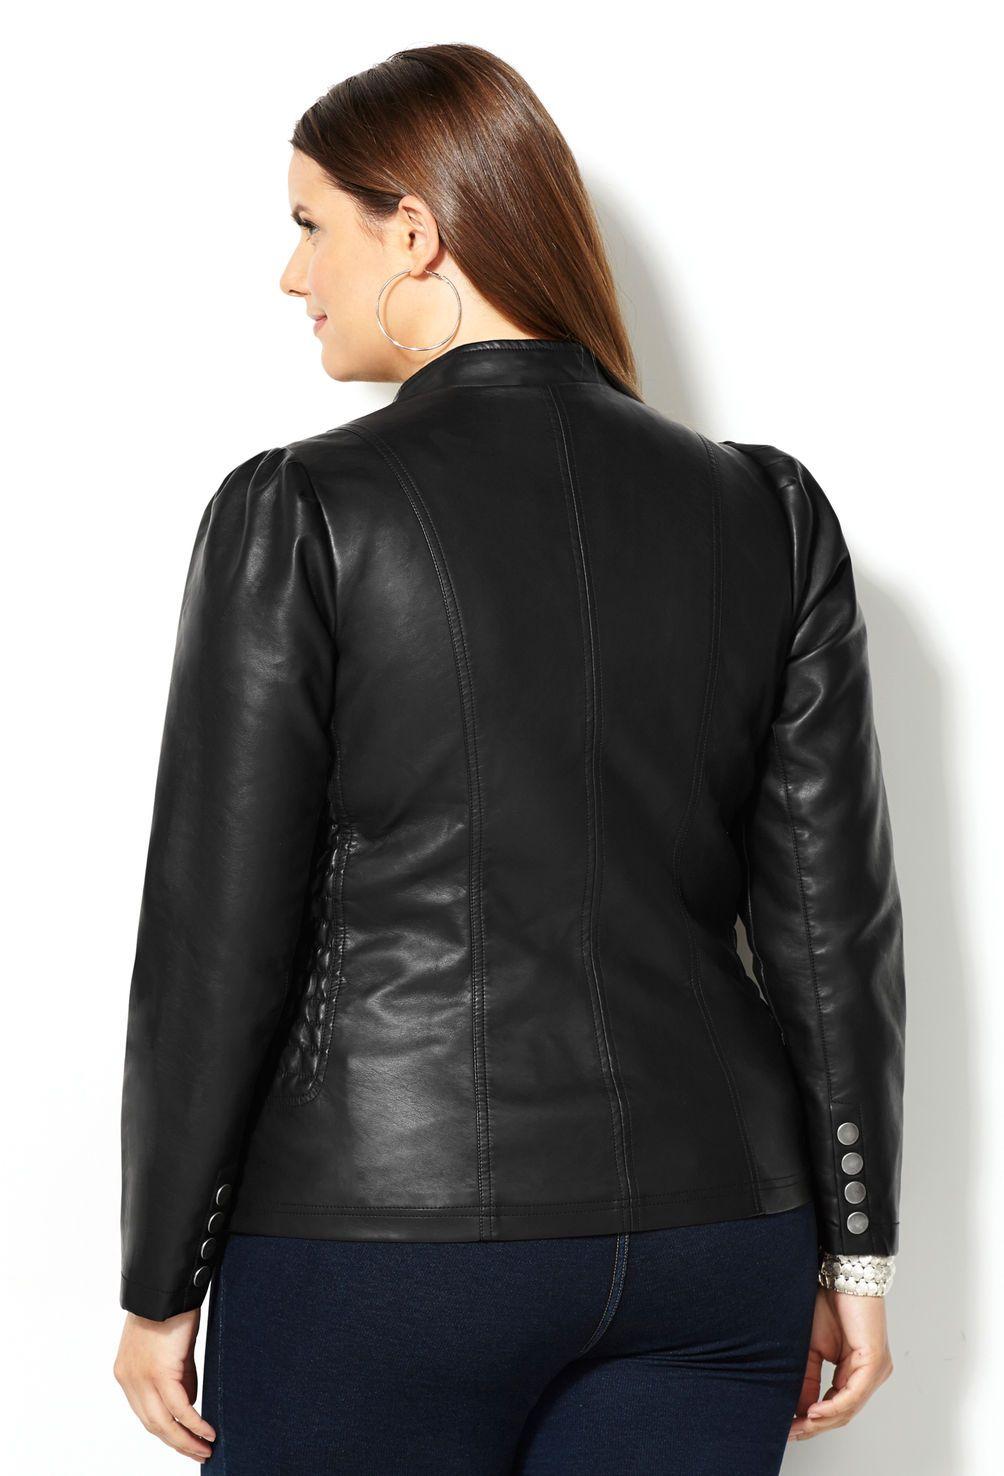 f642e21de856c Quilted Side Faux Leather Jacket-Plus Size Jacket-Avenue